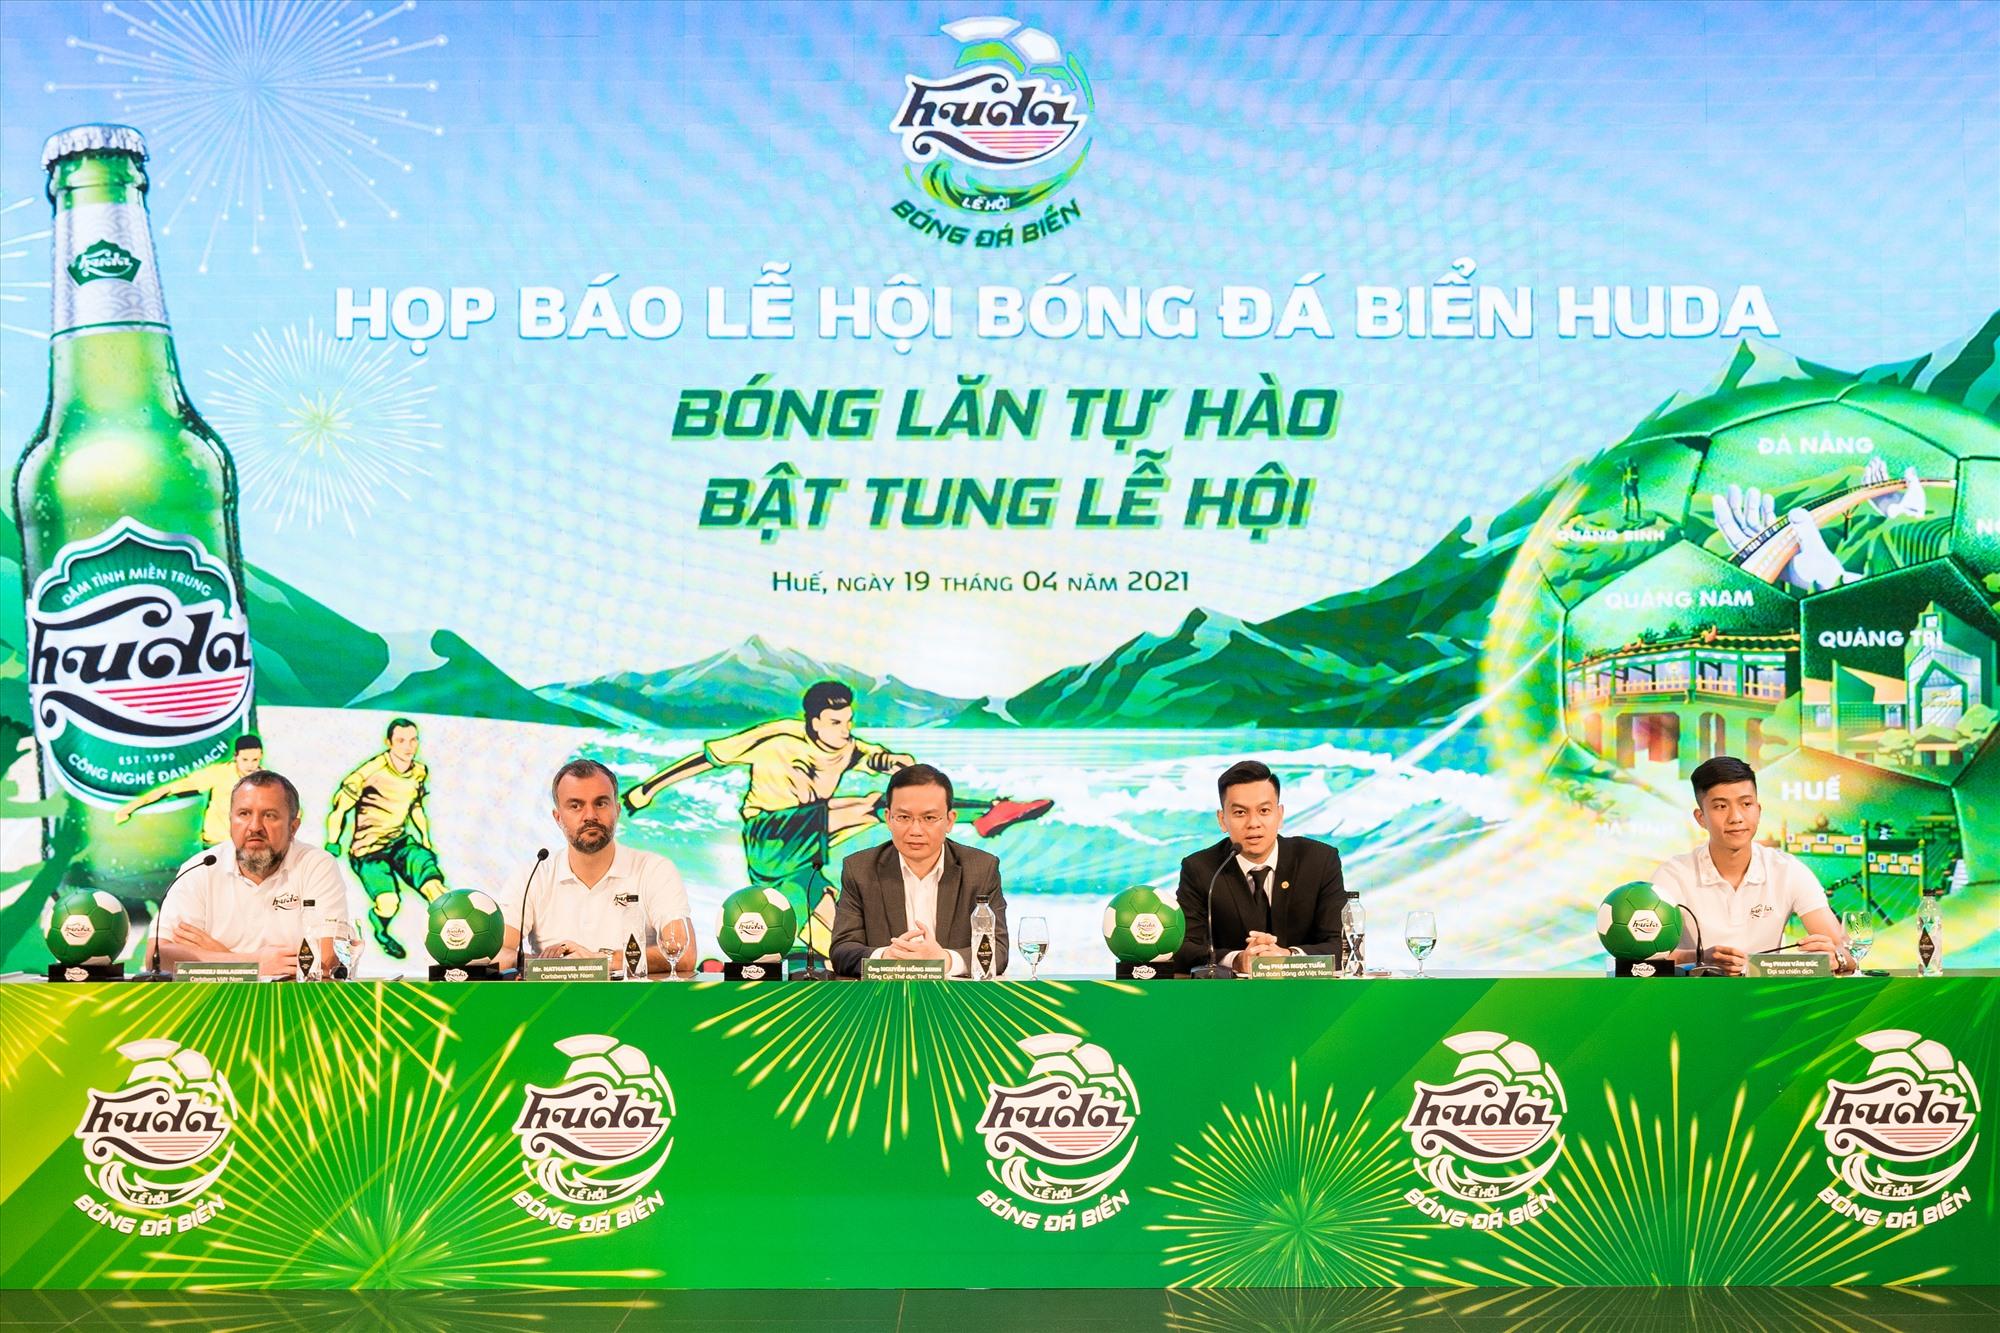 """Buổi Họp báo công bố thông tin về """"Lễ hội bóng đá biển Huda 2021"""""""